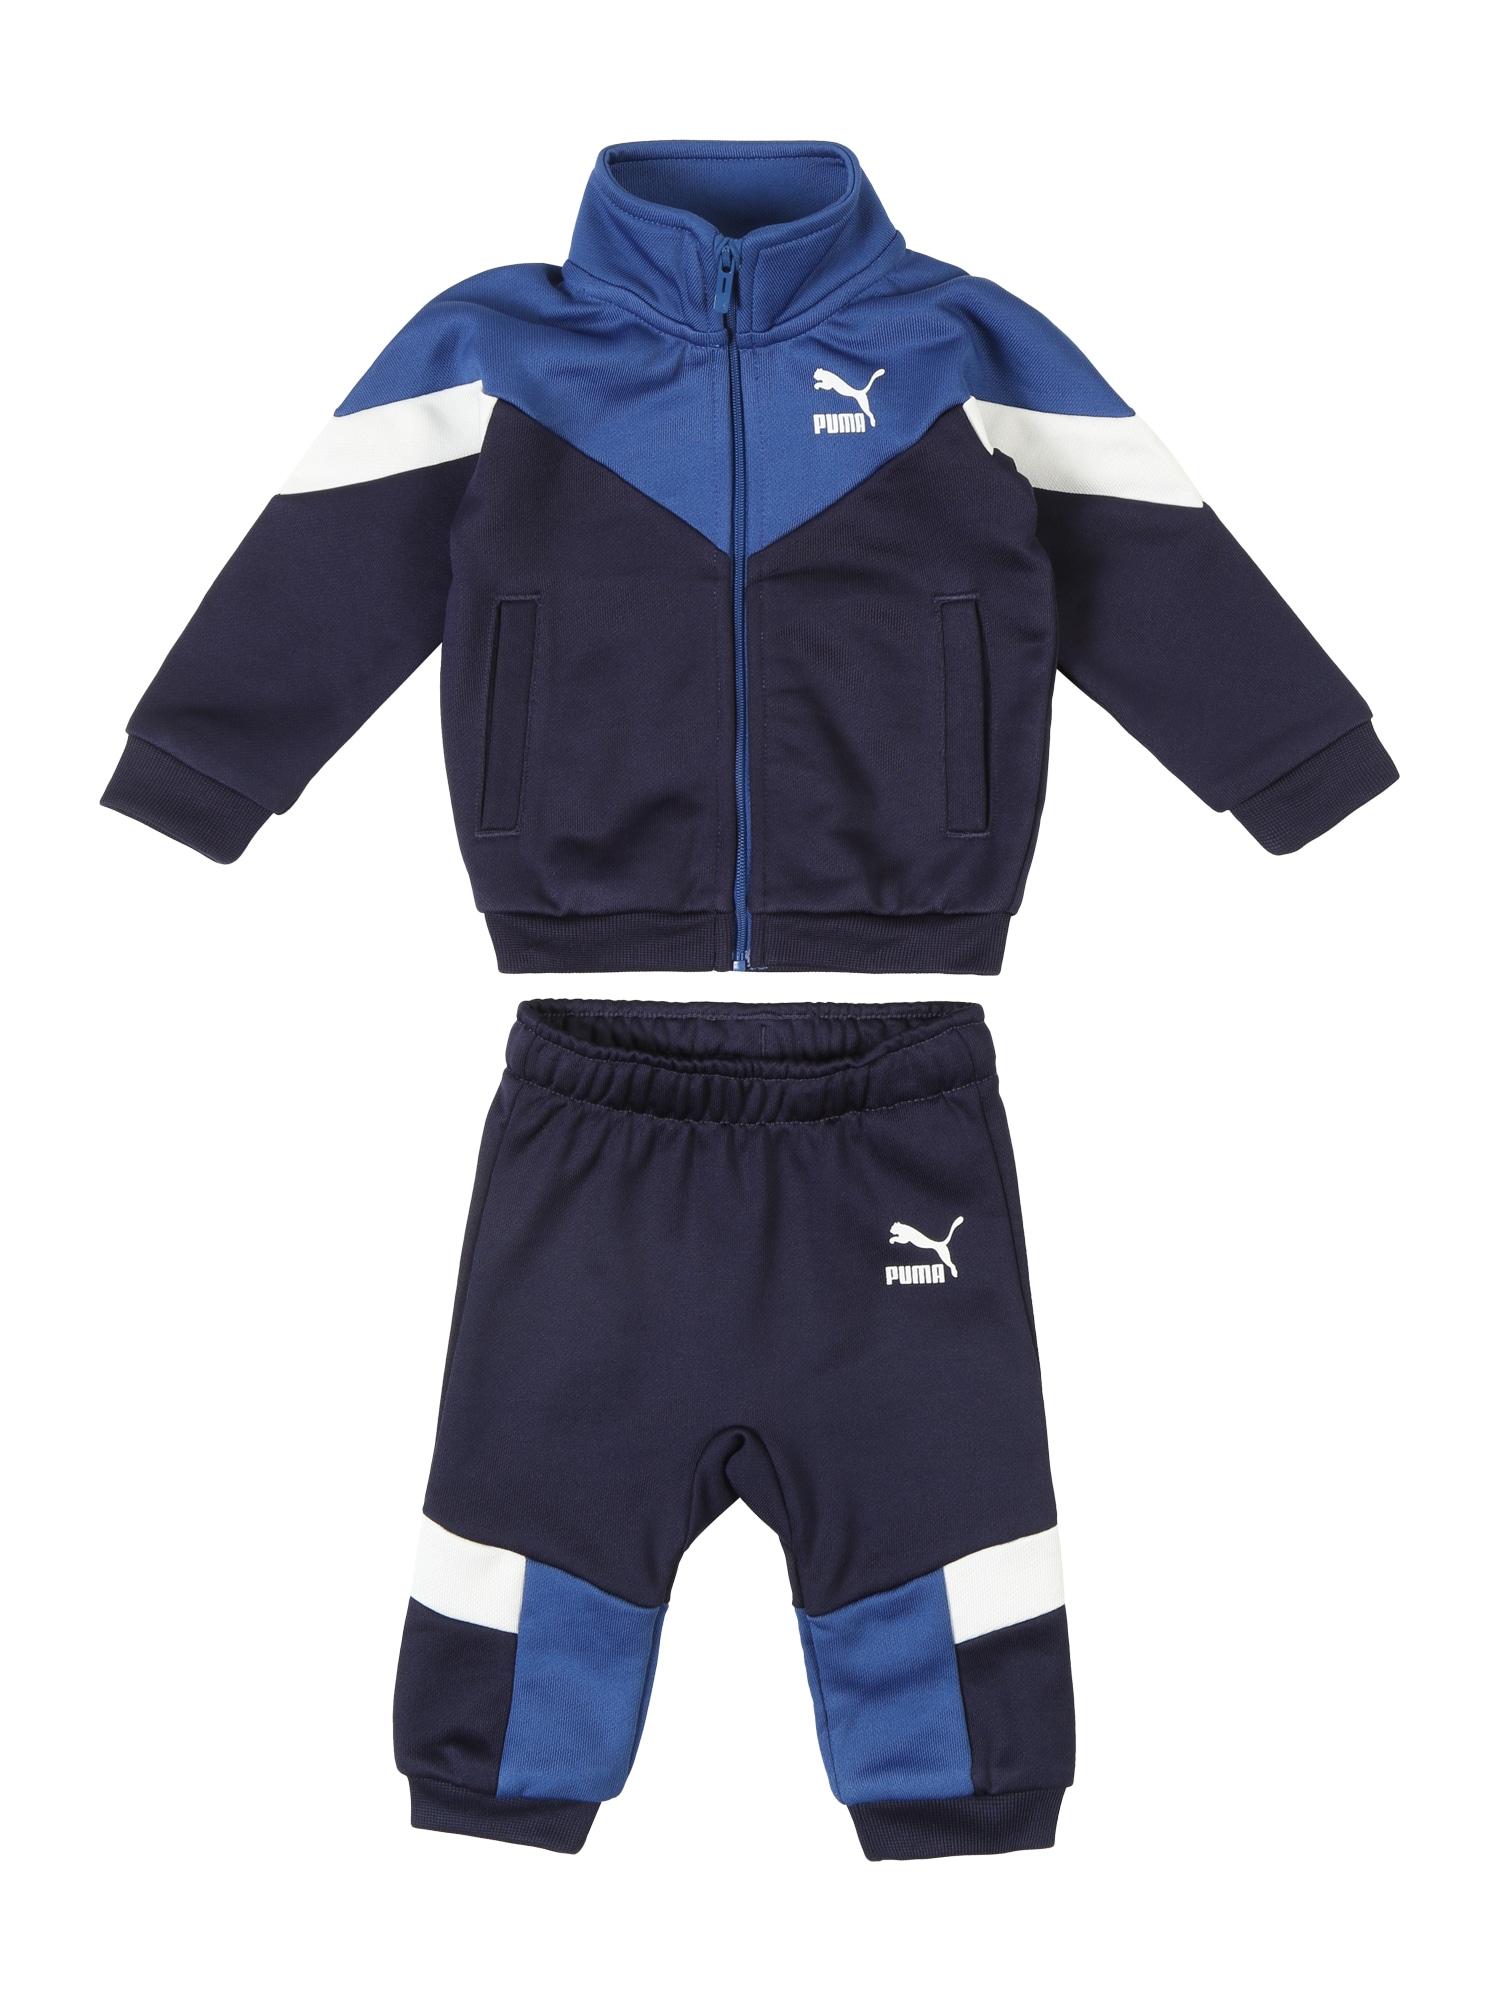 Joggingová souprava Minicats námořnická modř bílá PUMA